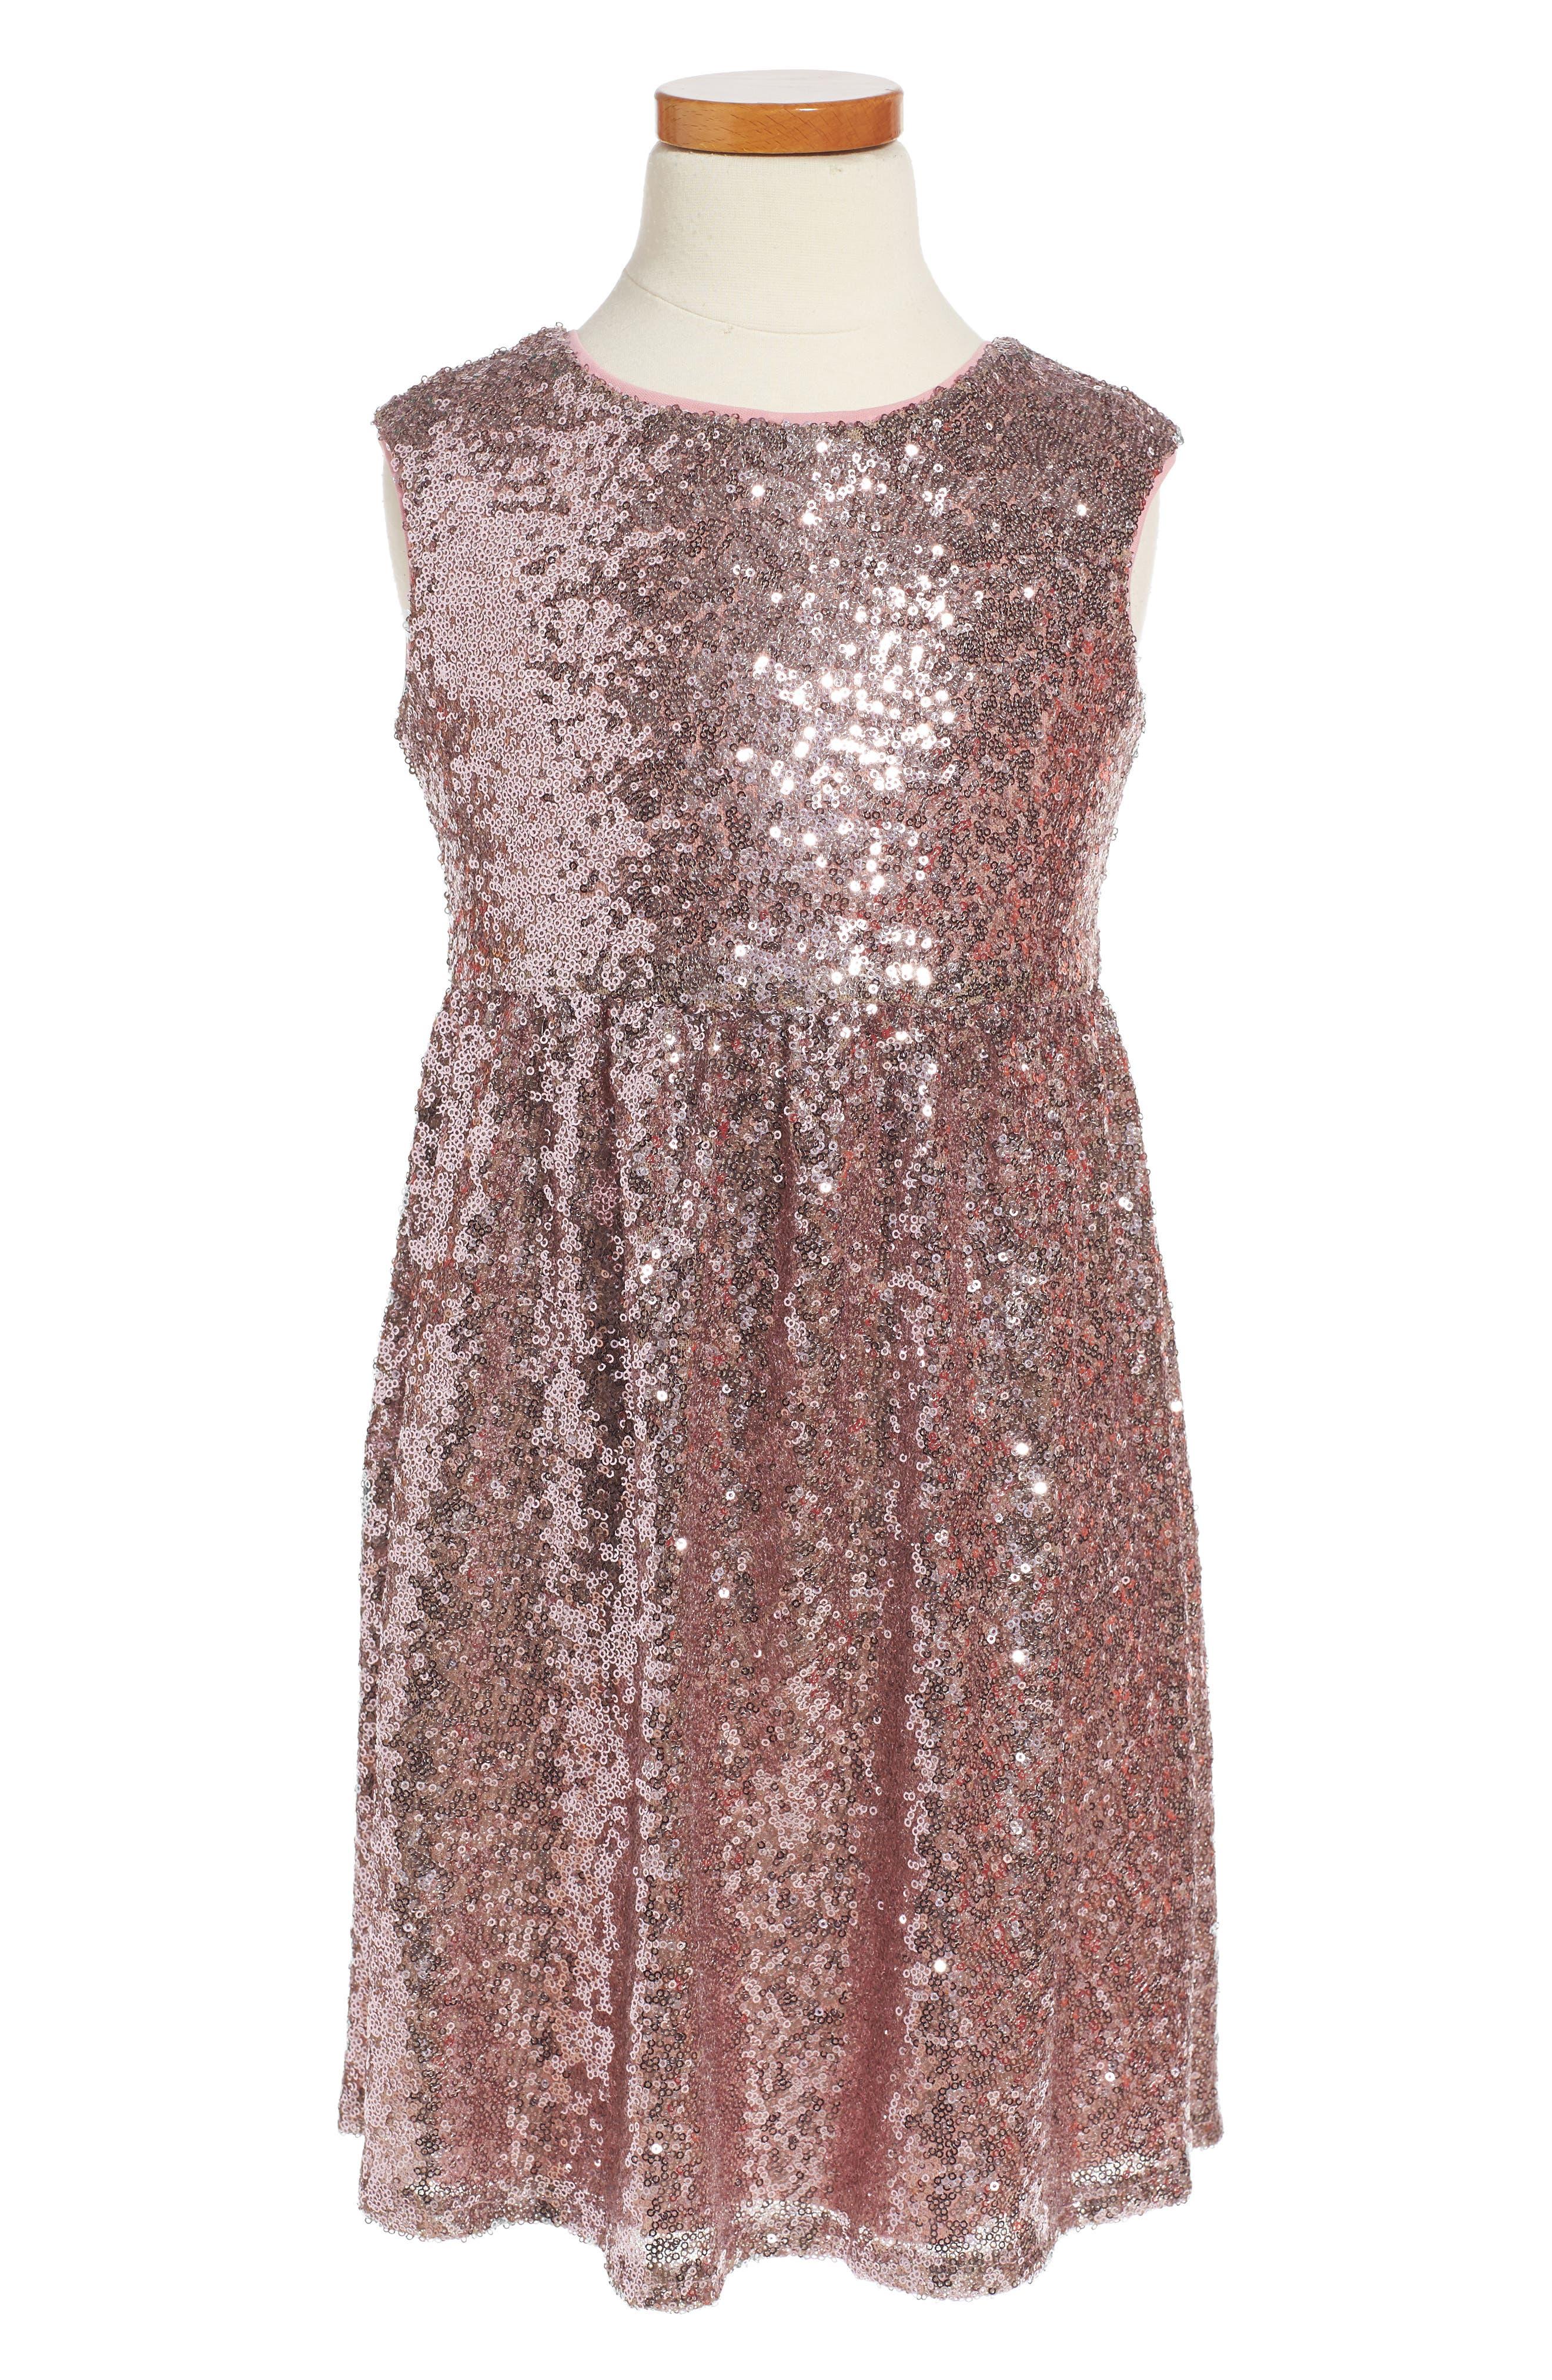 Sequin Dress,                             Main thumbnail 1, color,                             500